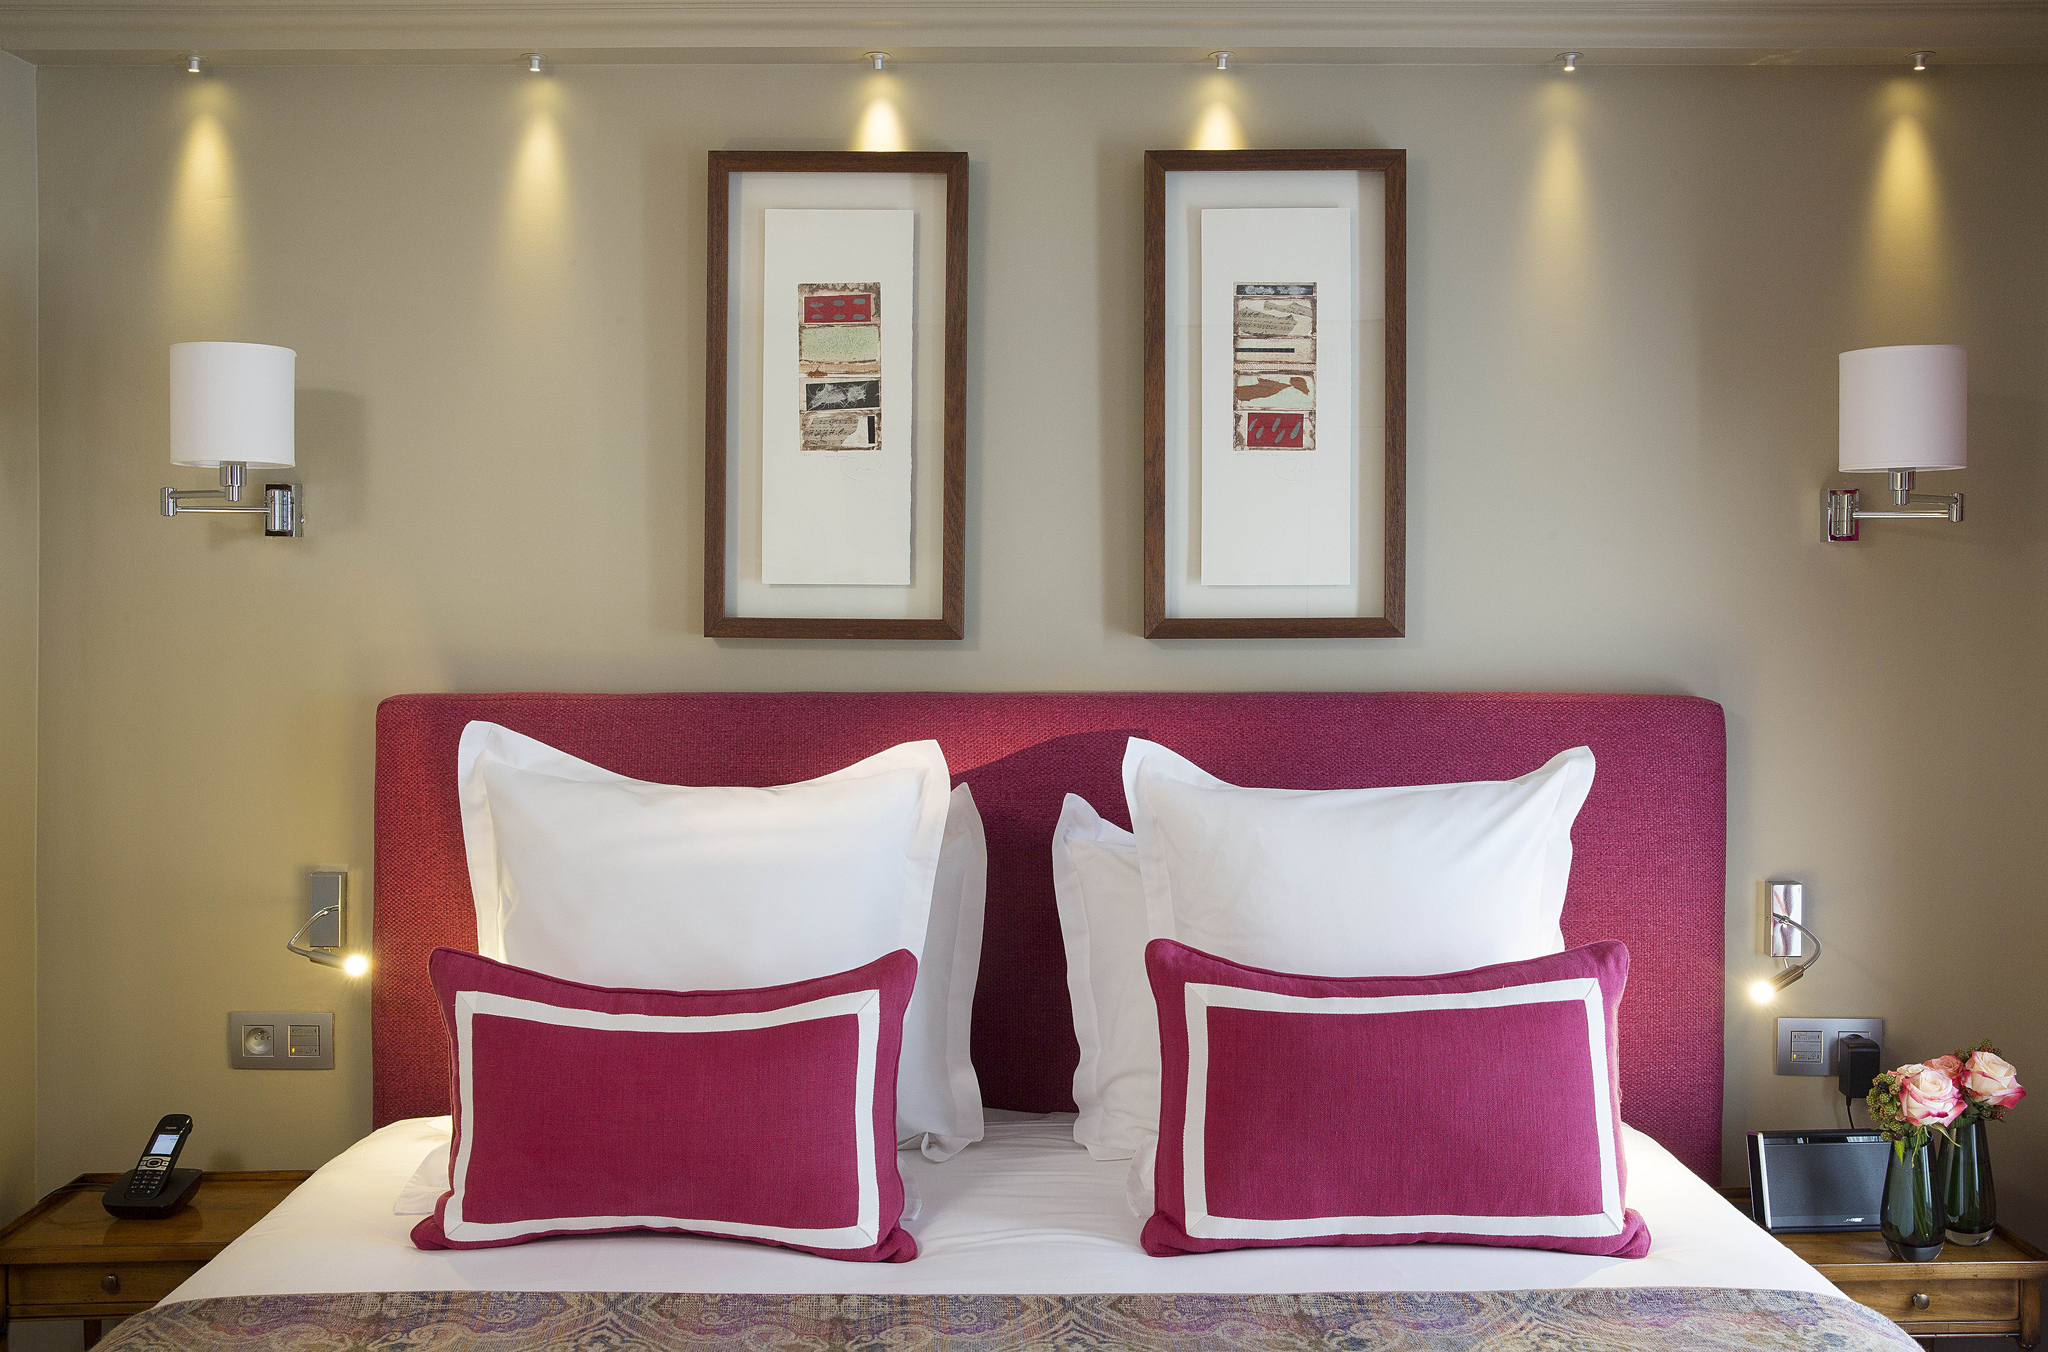 Tete de lit rose avec oreillers blancs et rouge.